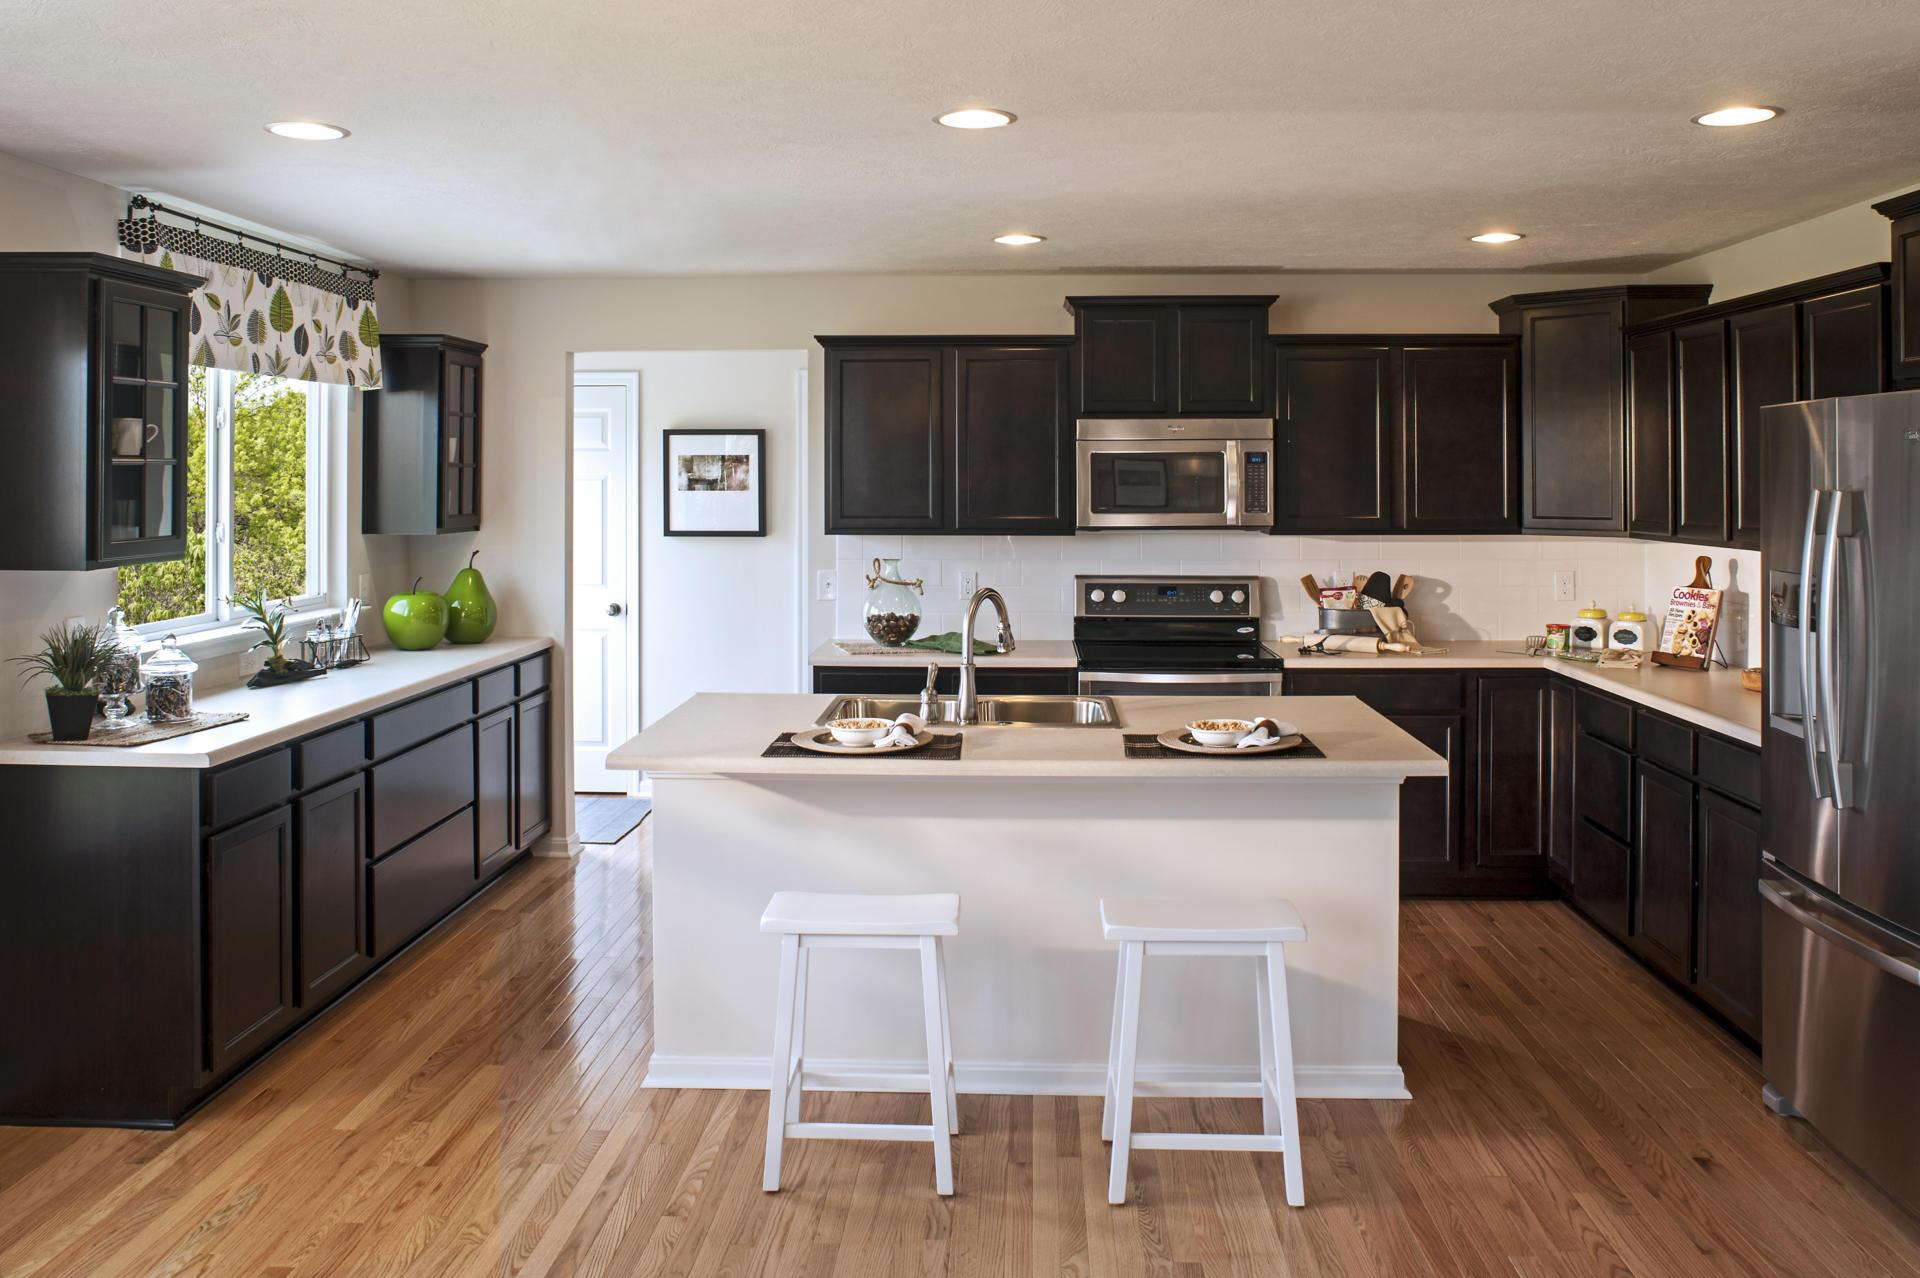 'Hampton Ridge' by Drees Homes in Cincinnati